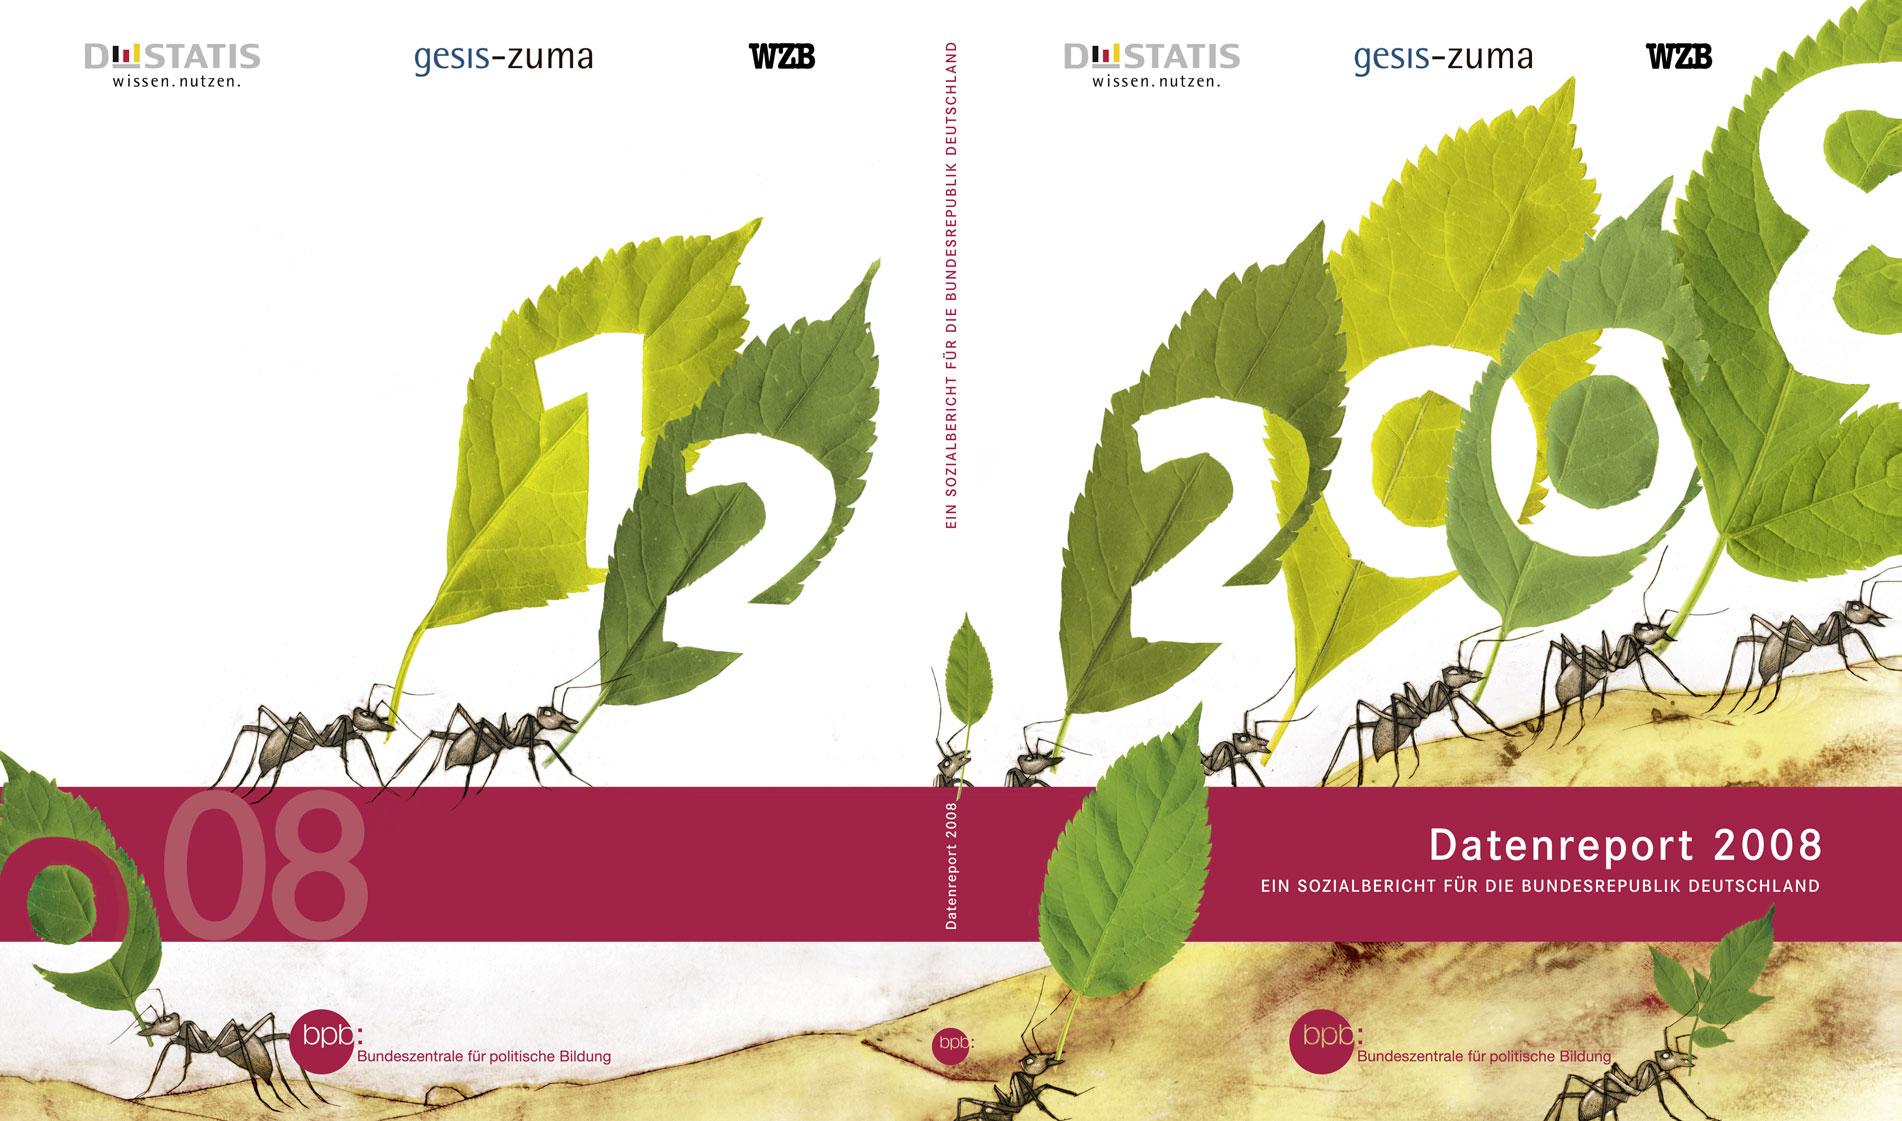 Datenreport 2008 - Konzept und Umsetzung